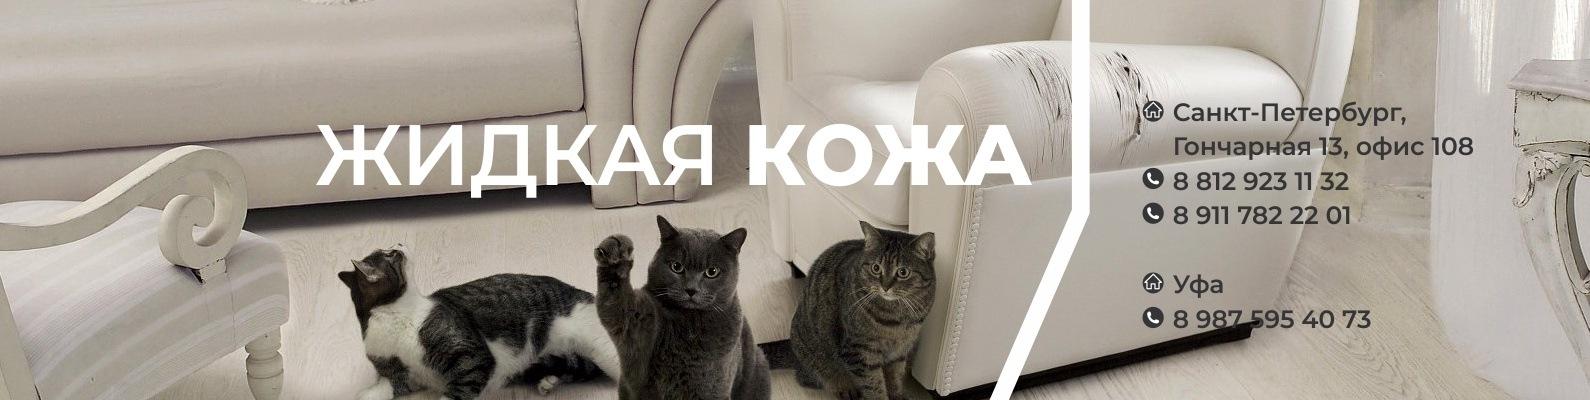 Как отучить кошку, кота, котенка драть, царапать мебель и обои